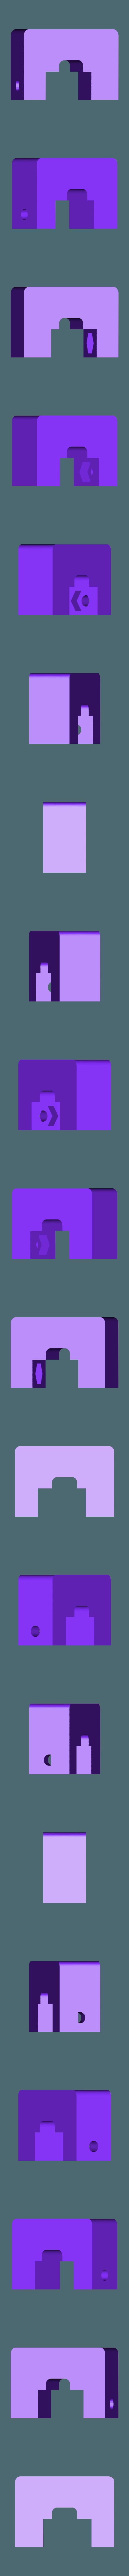 tube_cutter_stop_block.stl Télécharger fichier STL gratuit Remix d'un outil de coupe de tube avec vis et écrou M4 • Objet imprimable en 3D, peaberry